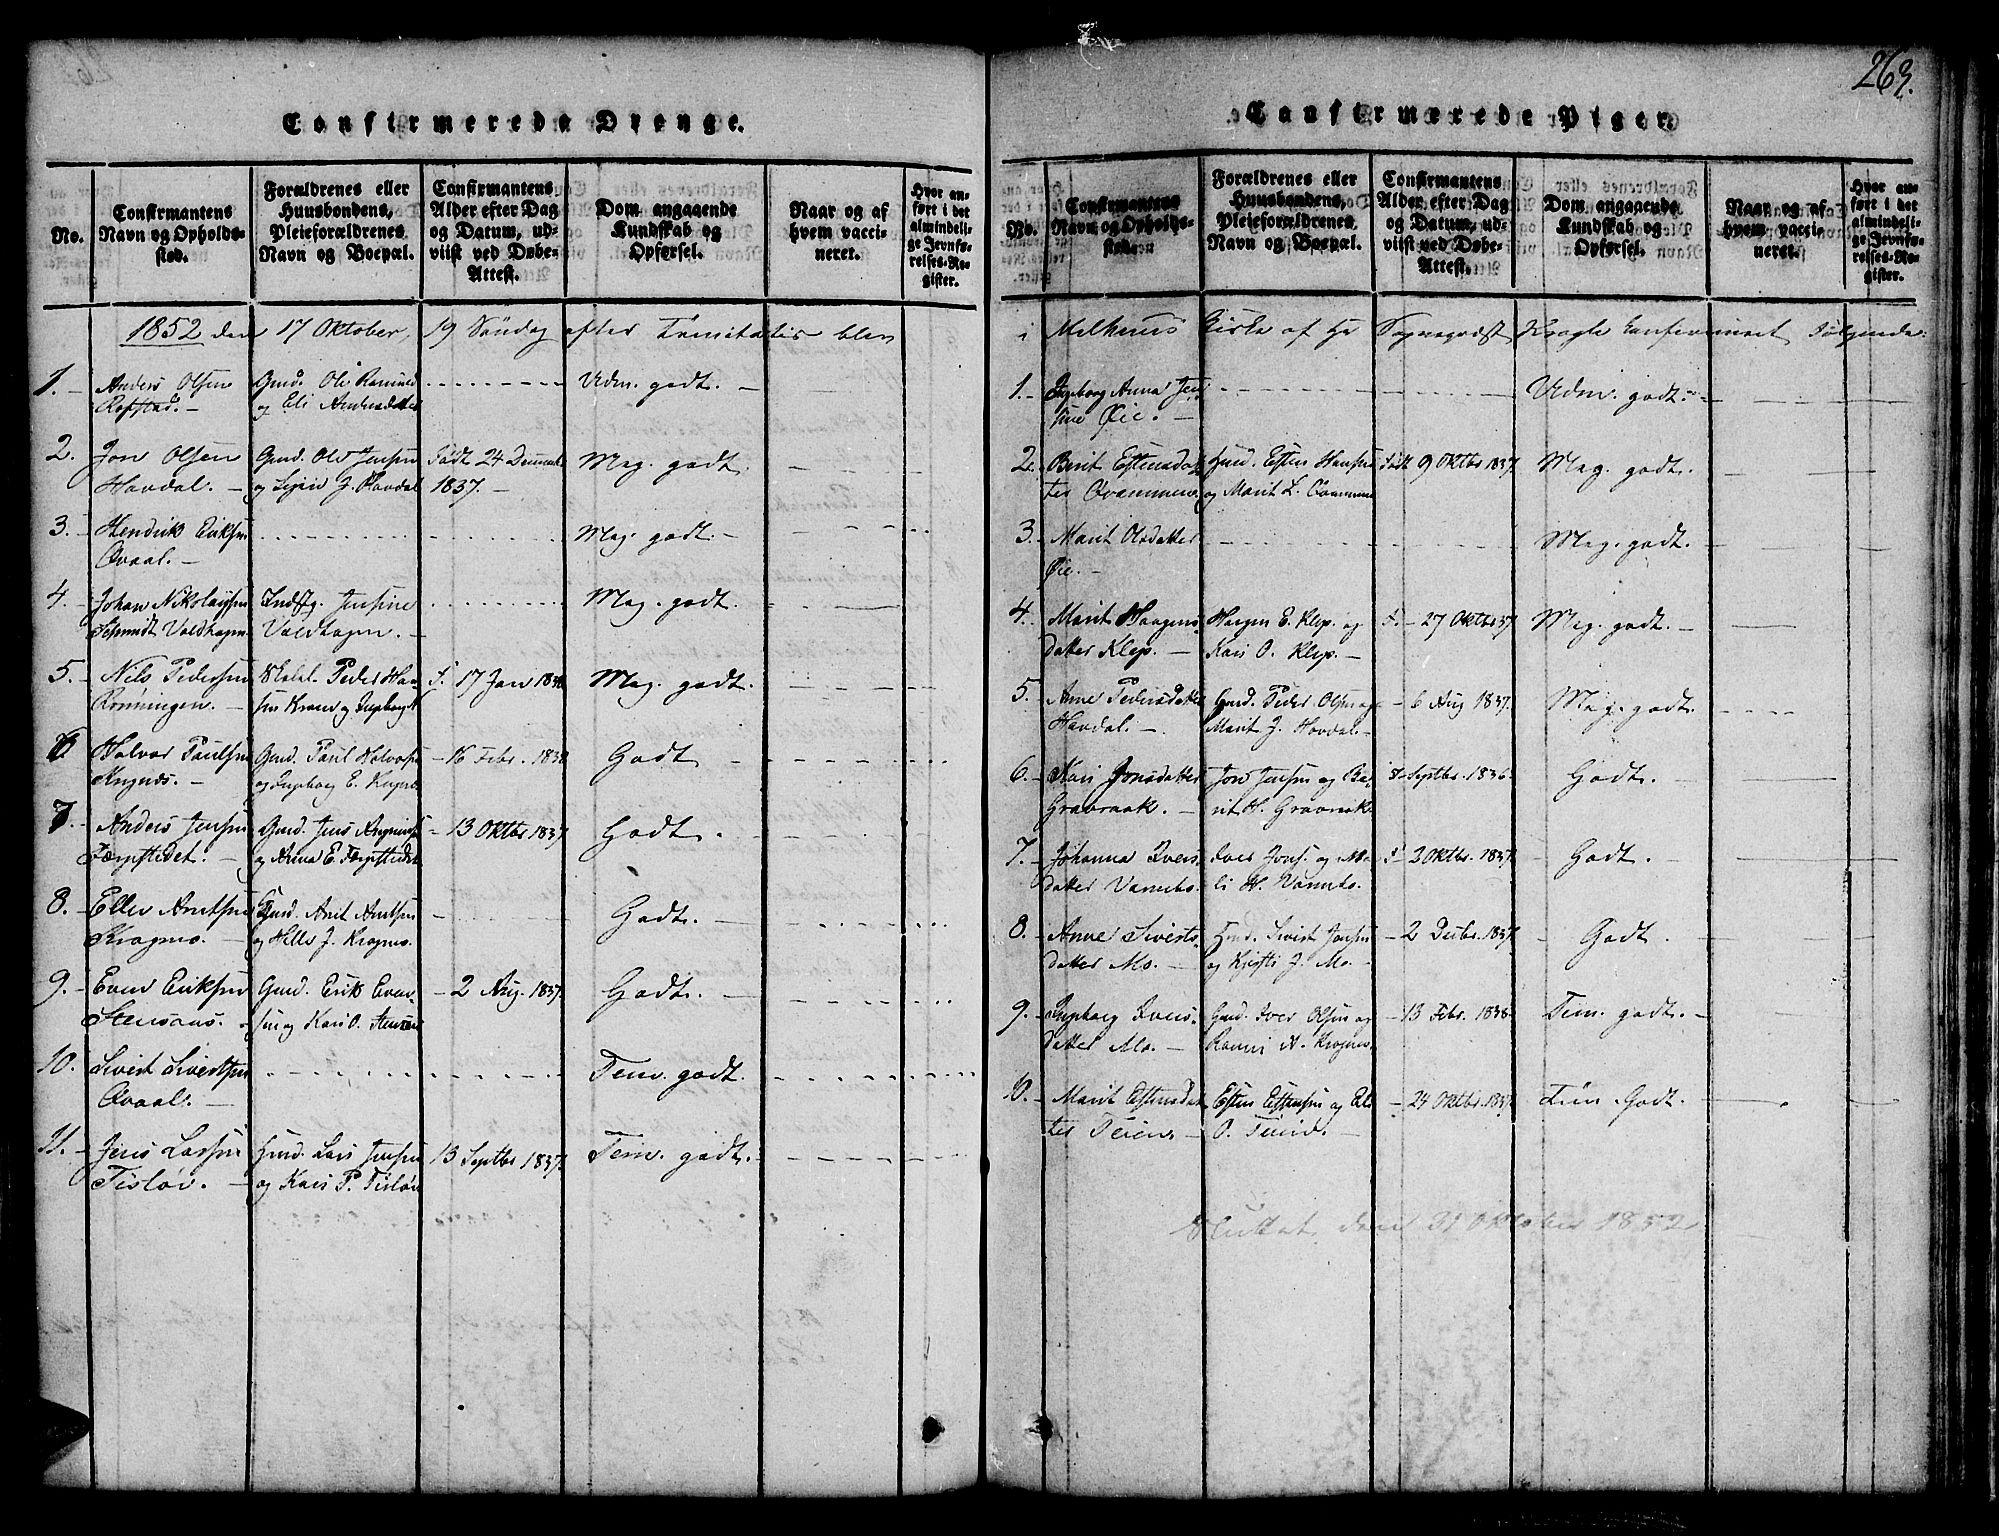 SAT, Ministerialprotokoller, klokkerbøker og fødselsregistre - Sør-Trøndelag, 691/L1092: Klokkerbok nr. 691C03, 1816-1852, s. 263